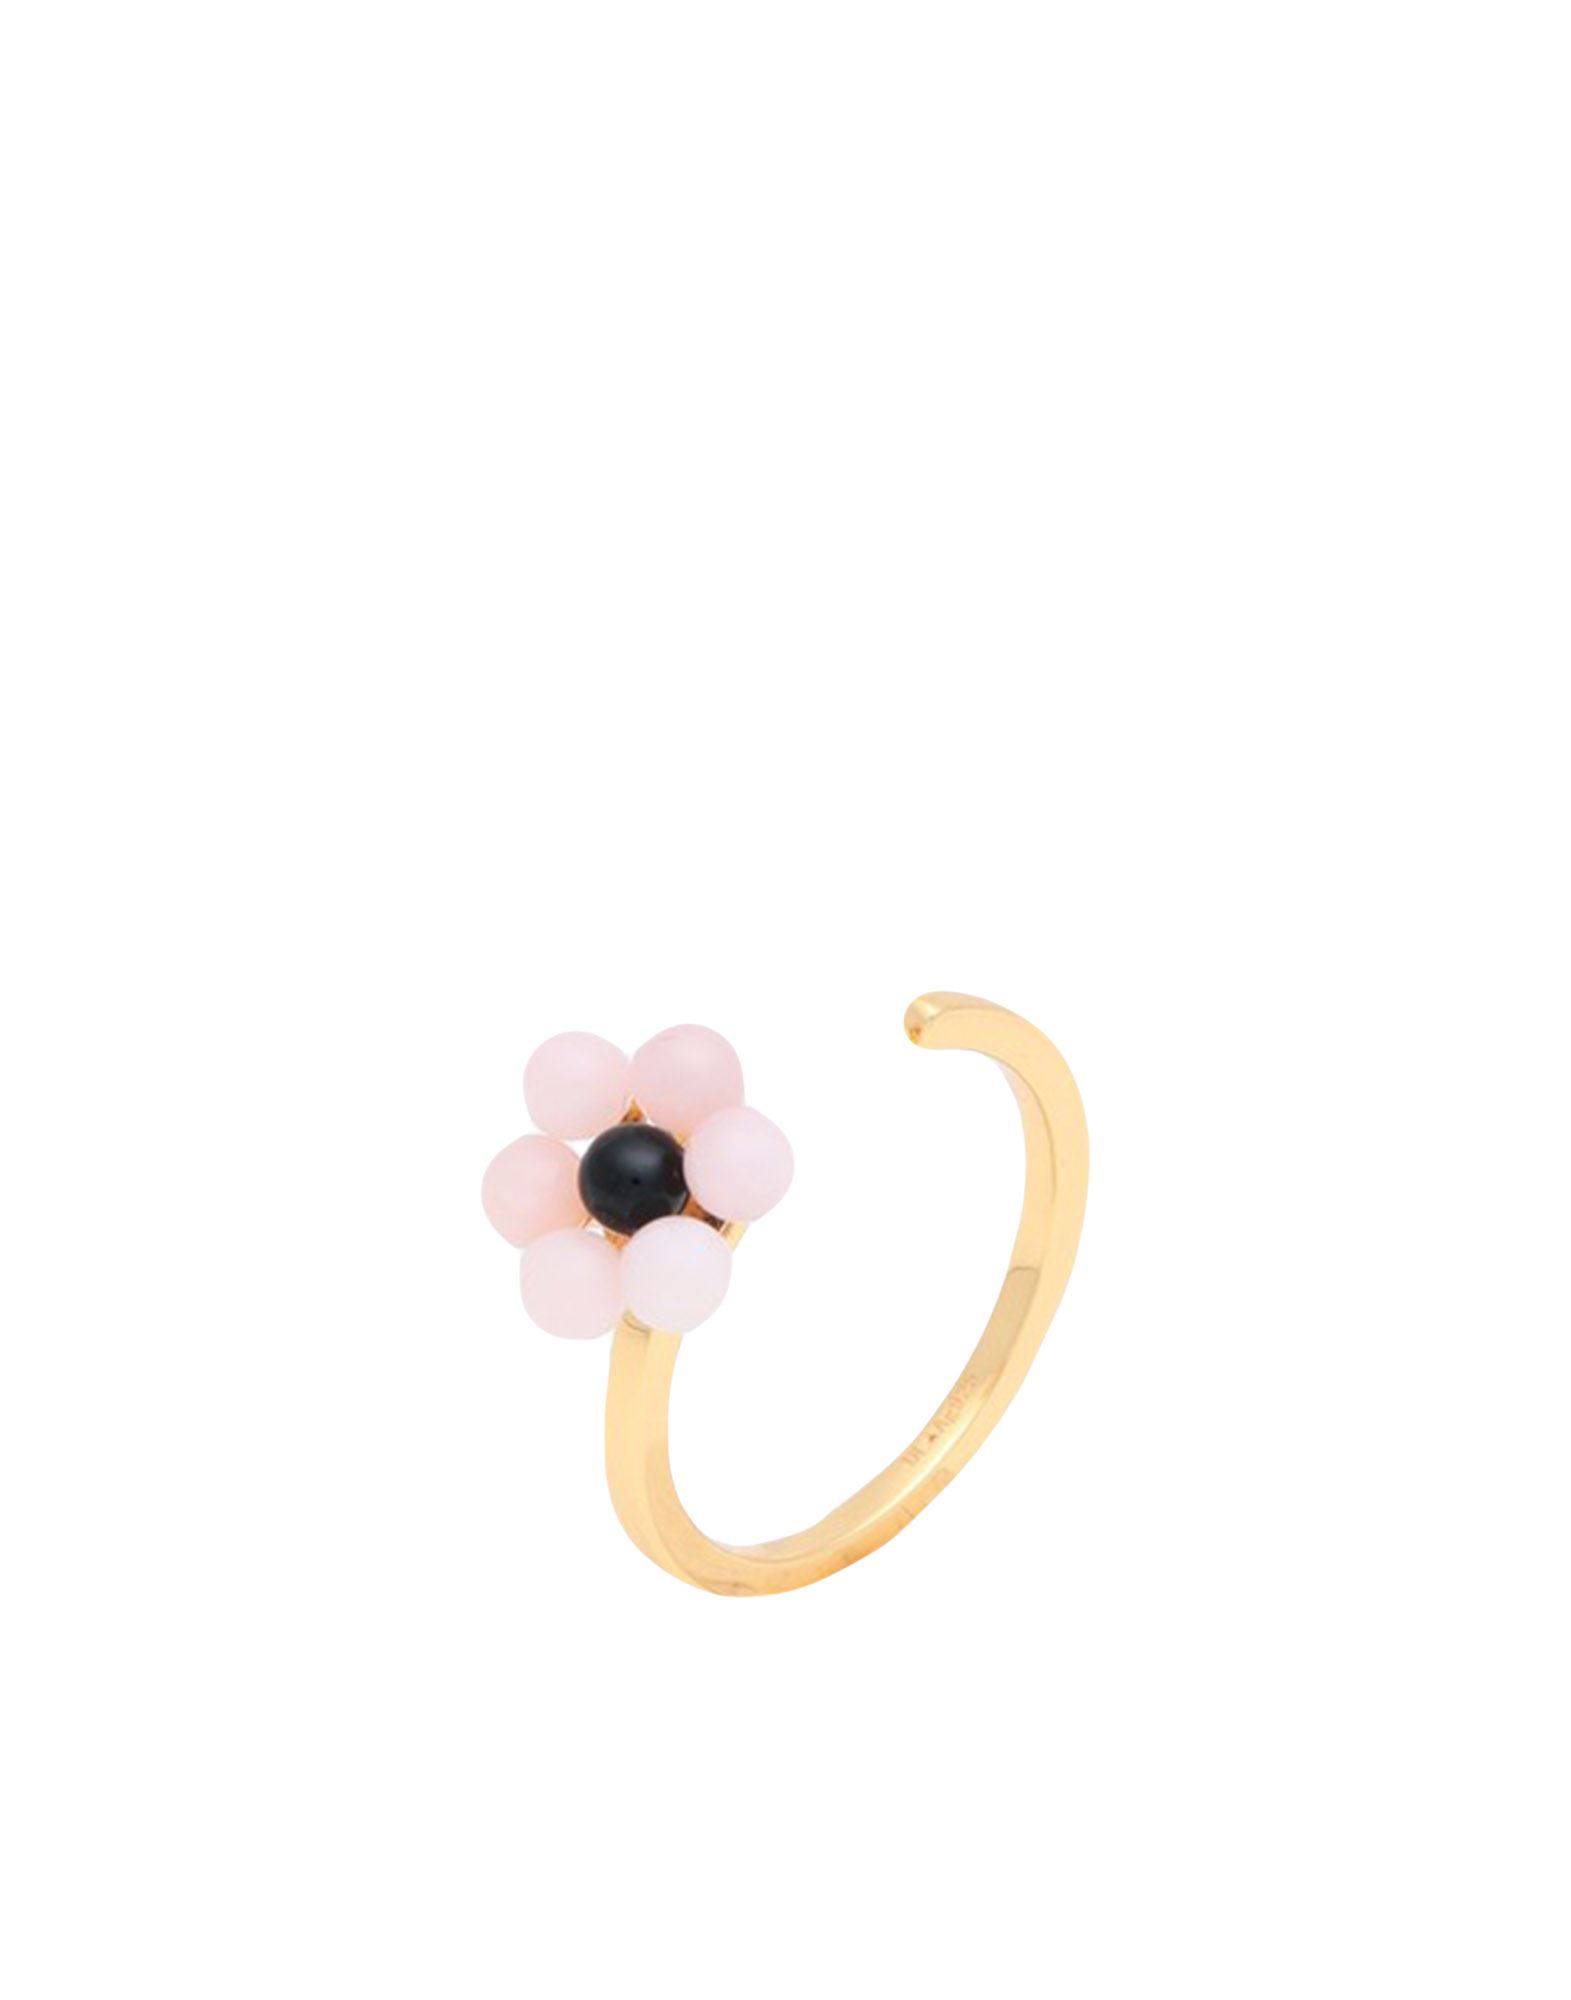 《セール開催中》DESIGN LETTERS レディース 指輪 ピンク one size シルバー925/1000 / 18金メッキ / オパール / めのう MY FLOWER RING